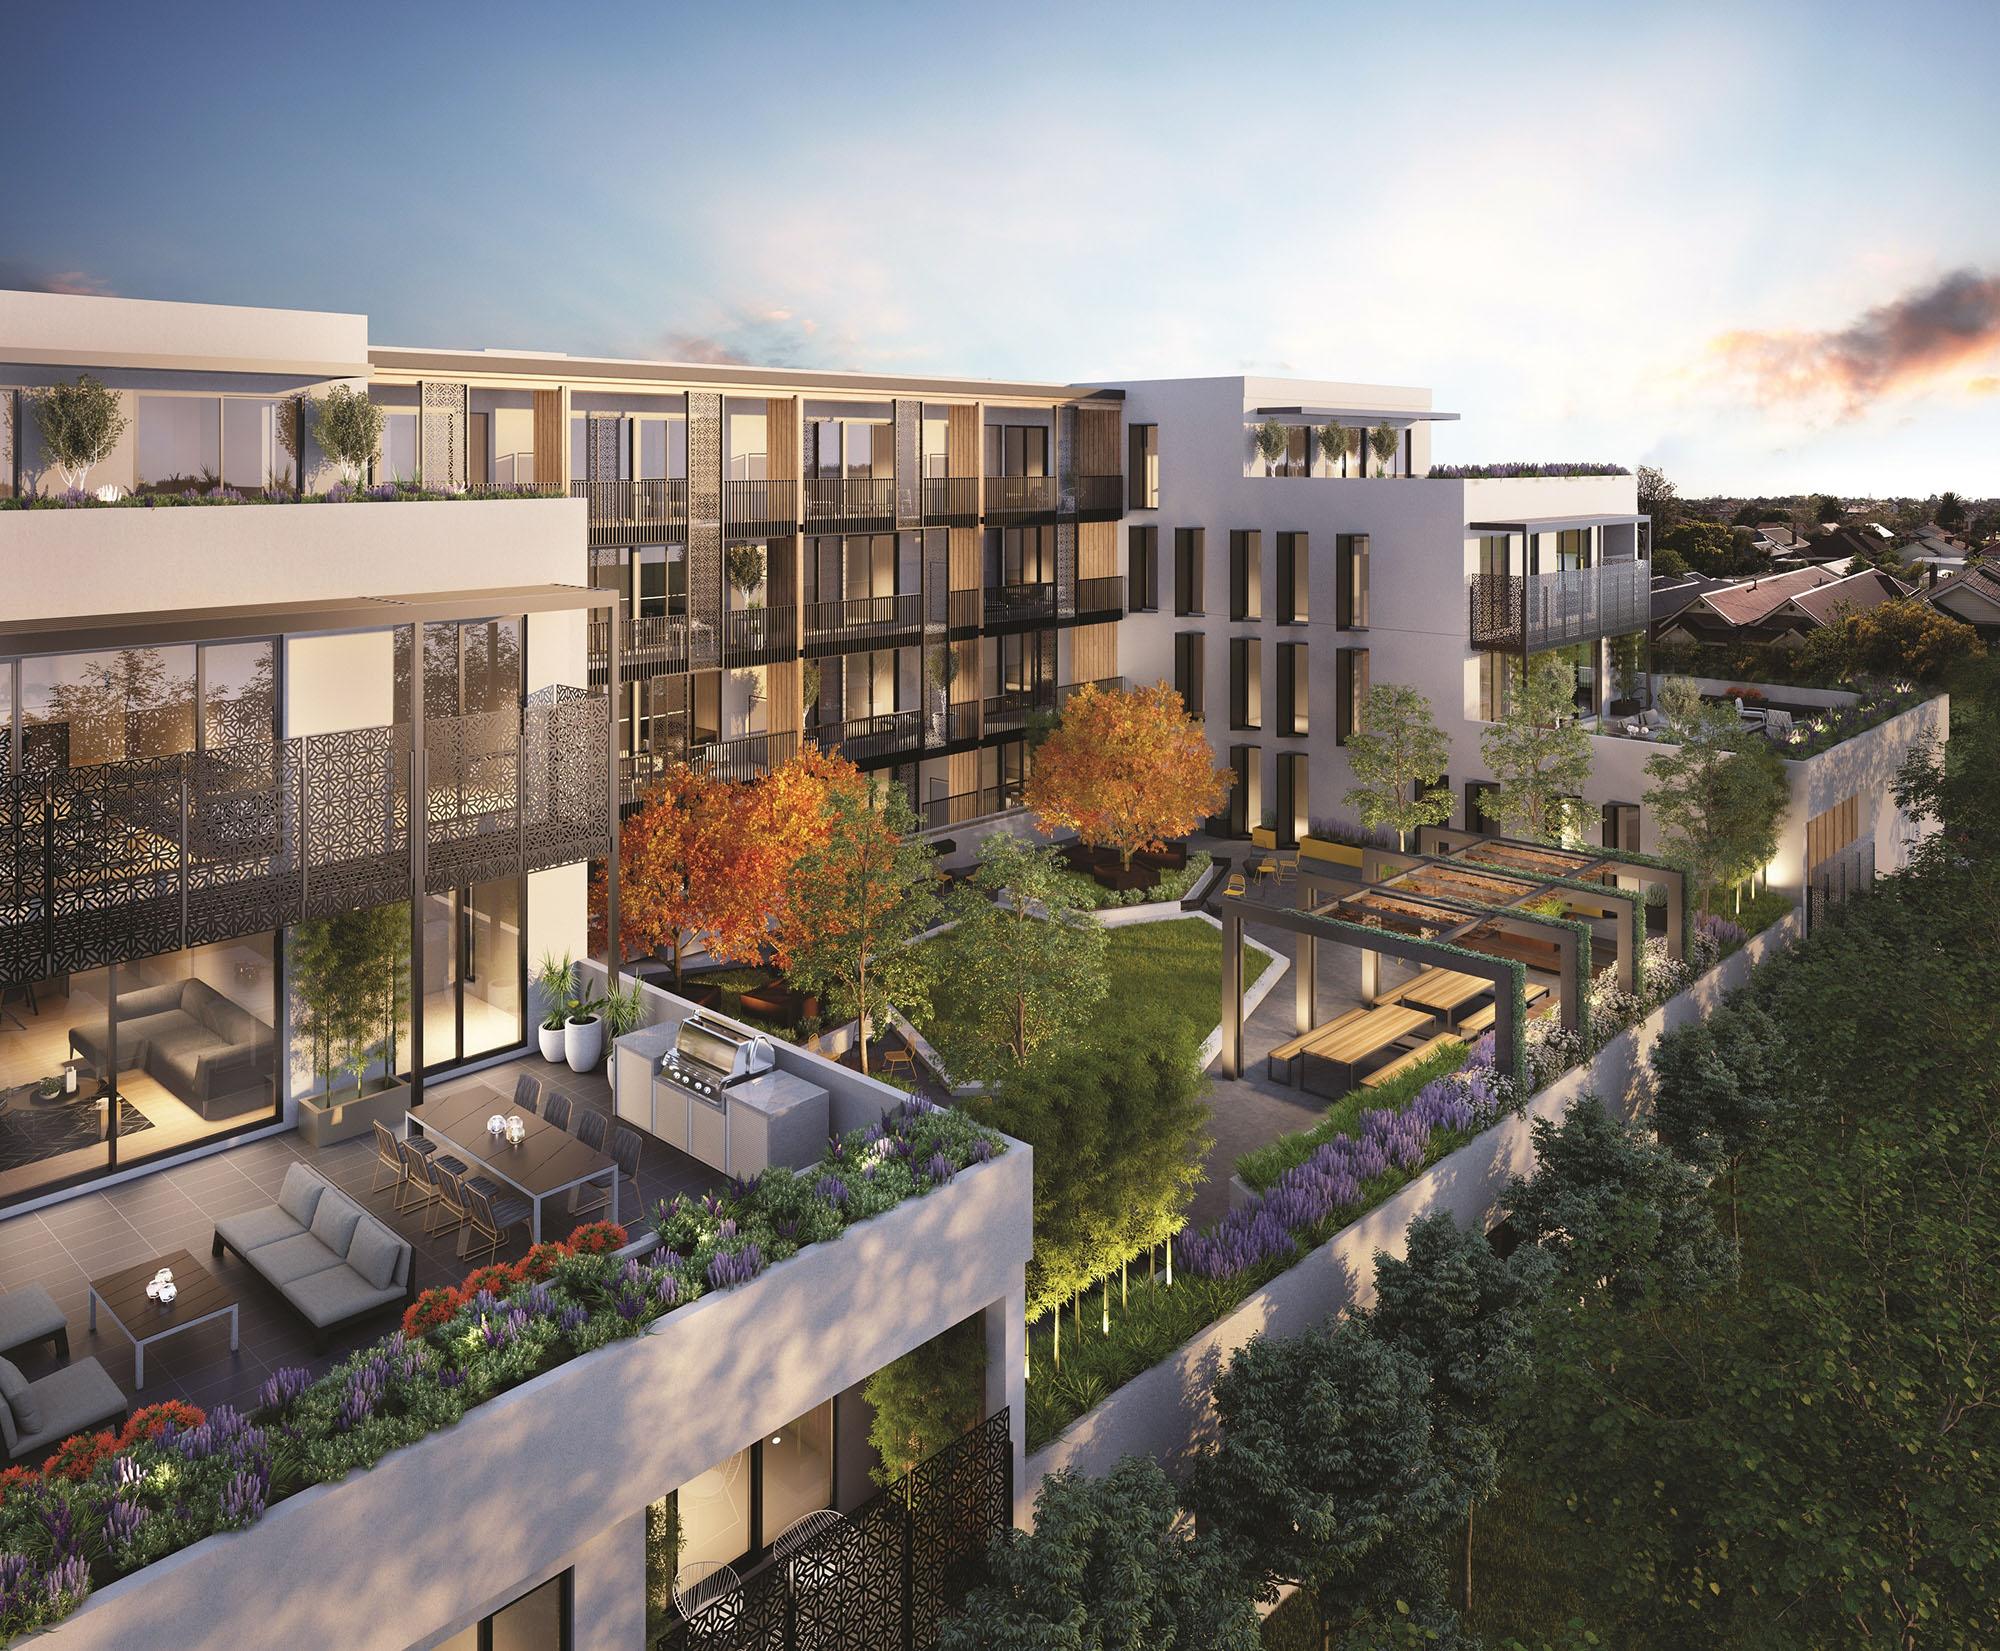 Kansas Apartments